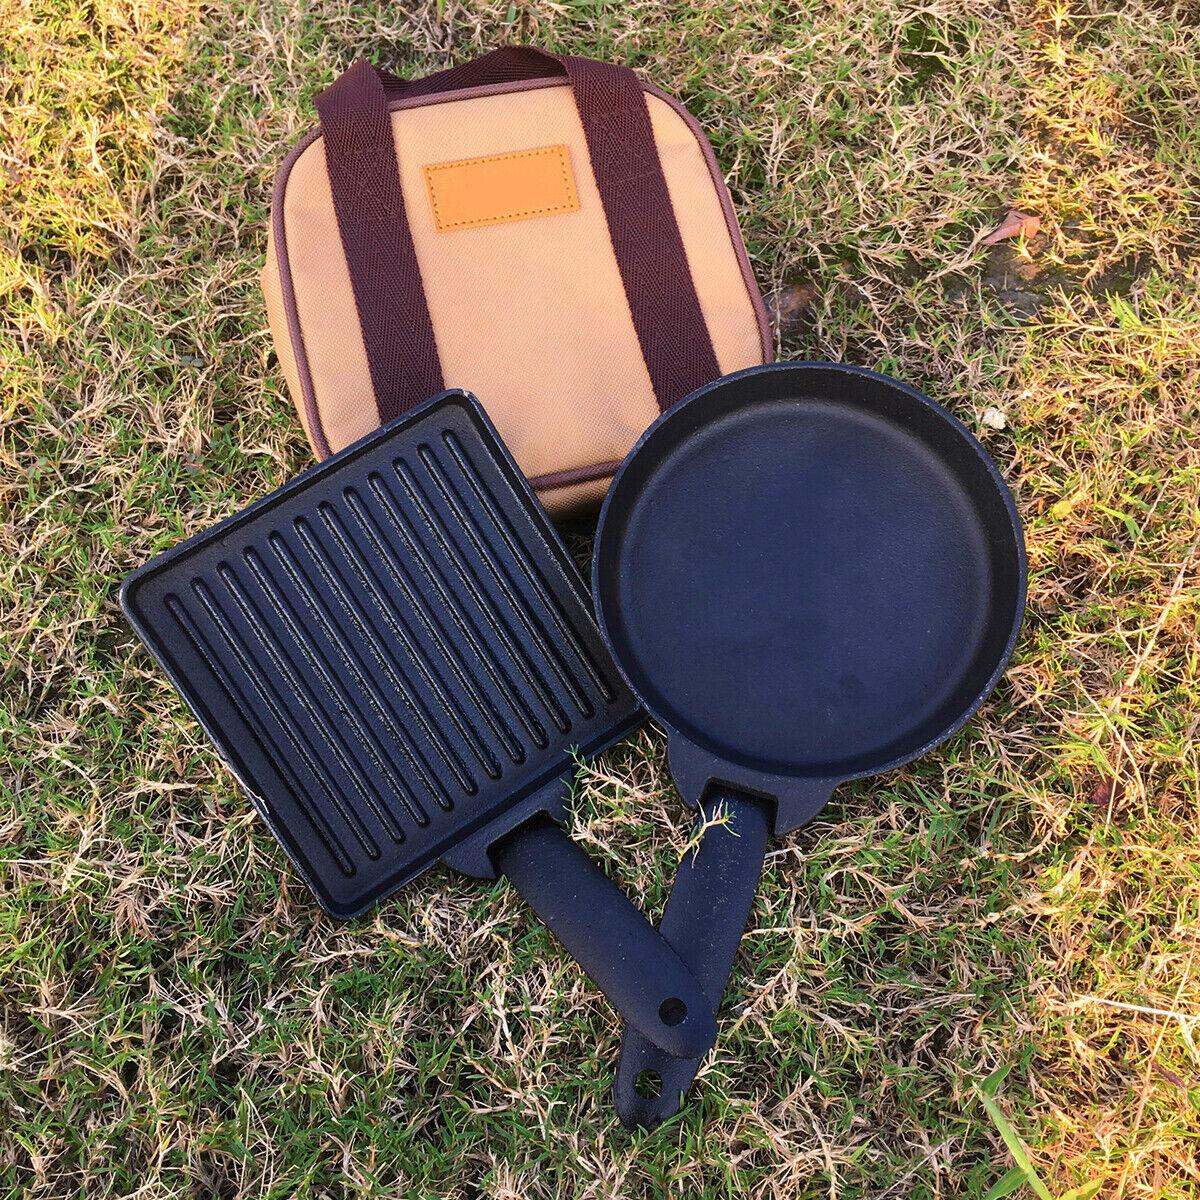 2pcs Set Cast Iron Camping Detachable Steak Cooking Frying Pan + Carry Case Bag